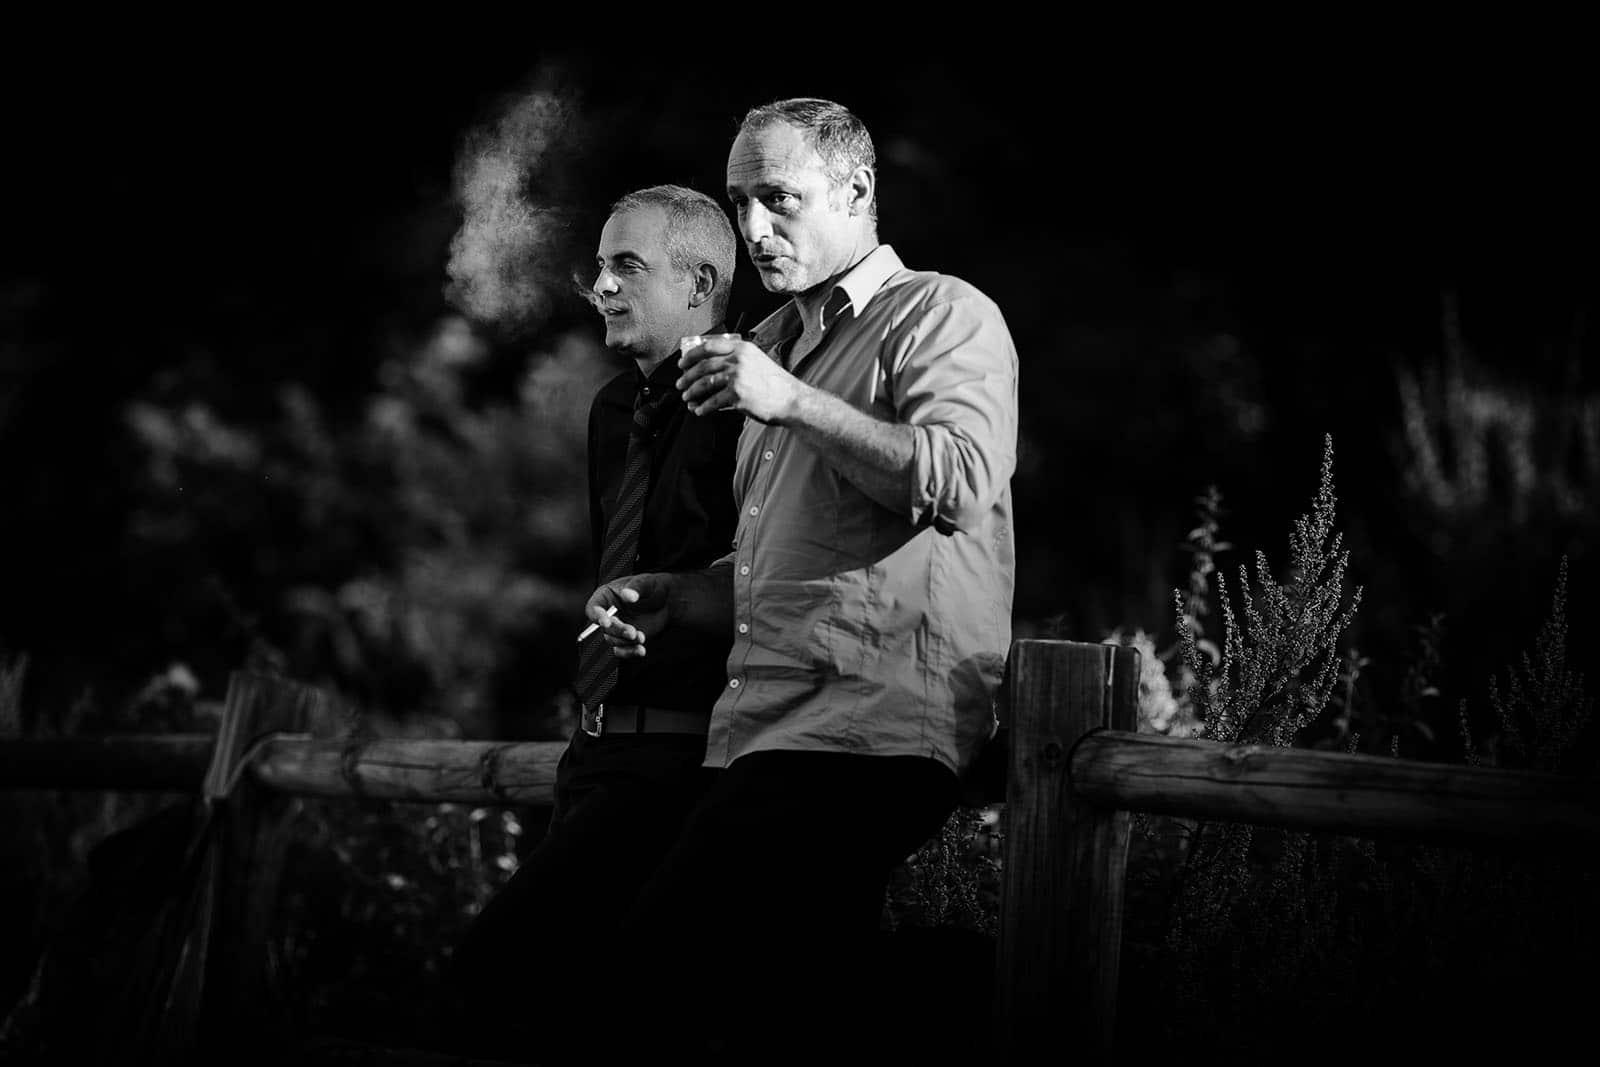 photographe de mariage Saint Etienne émotion joie bonheur noir et blanc lumière